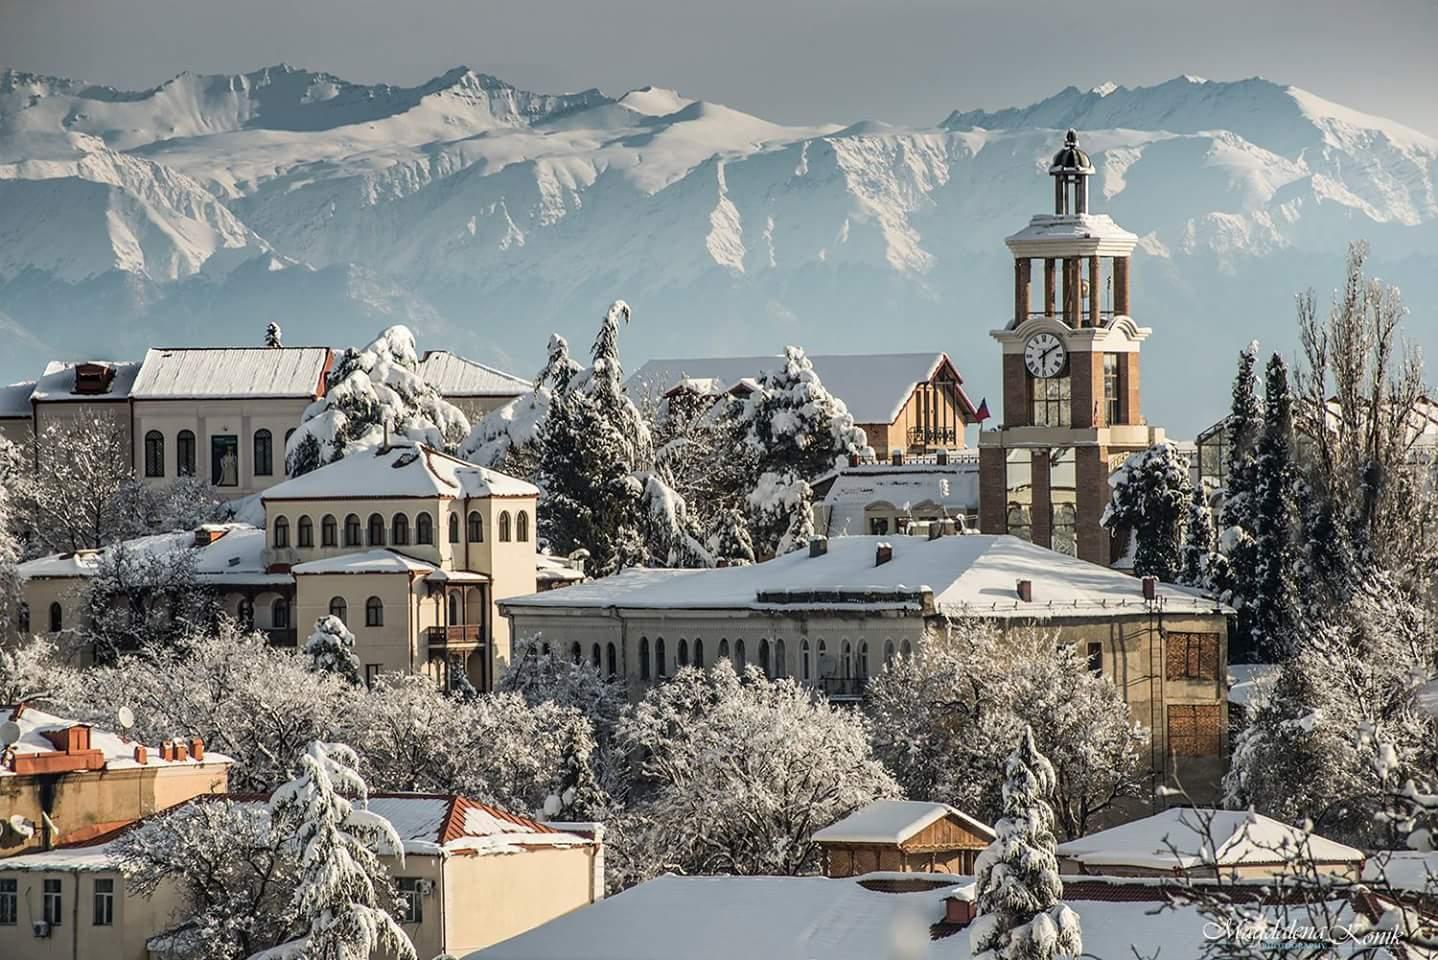 тбилиси что посмотреть зимой контакте появилась